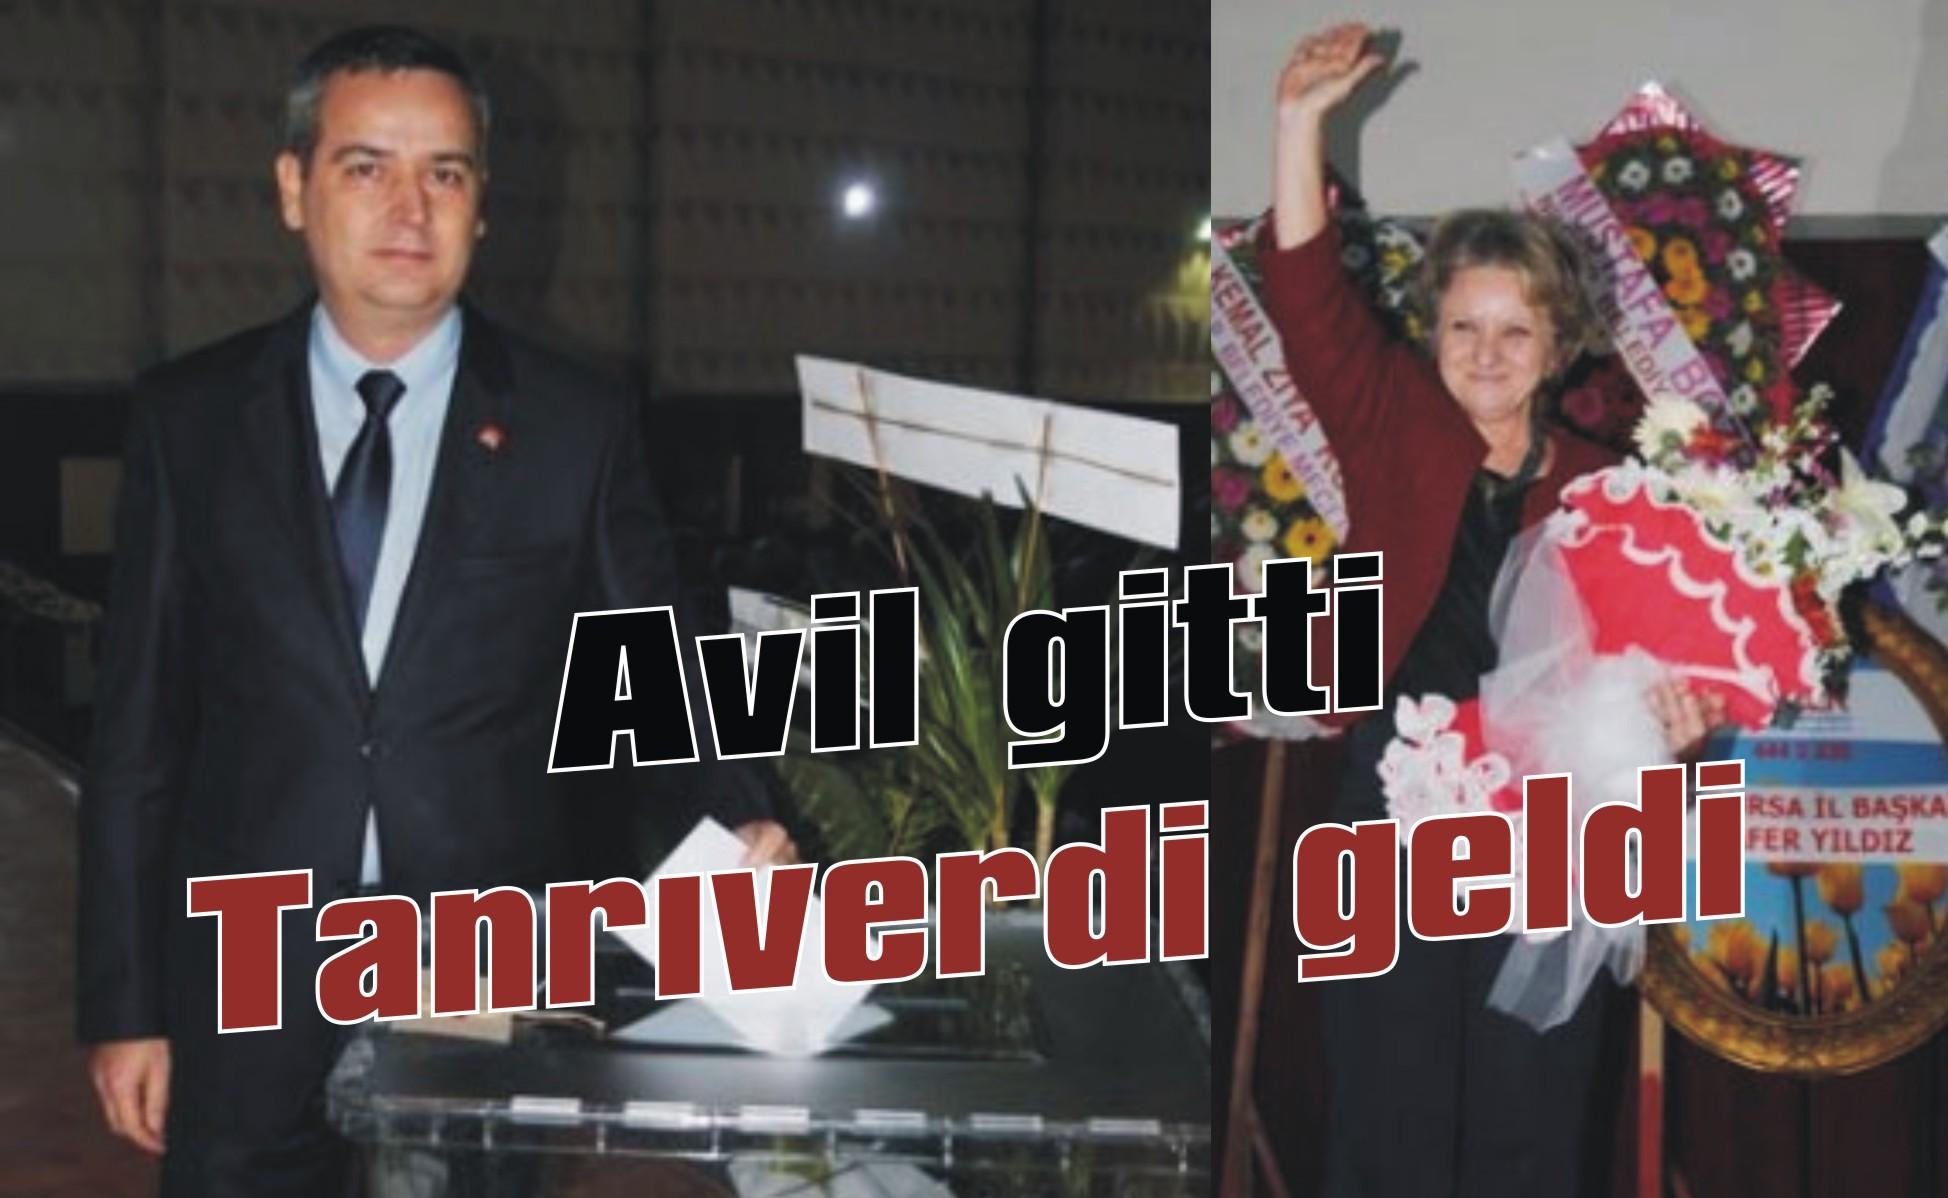 CHP'yi iktidara taşıyacağız